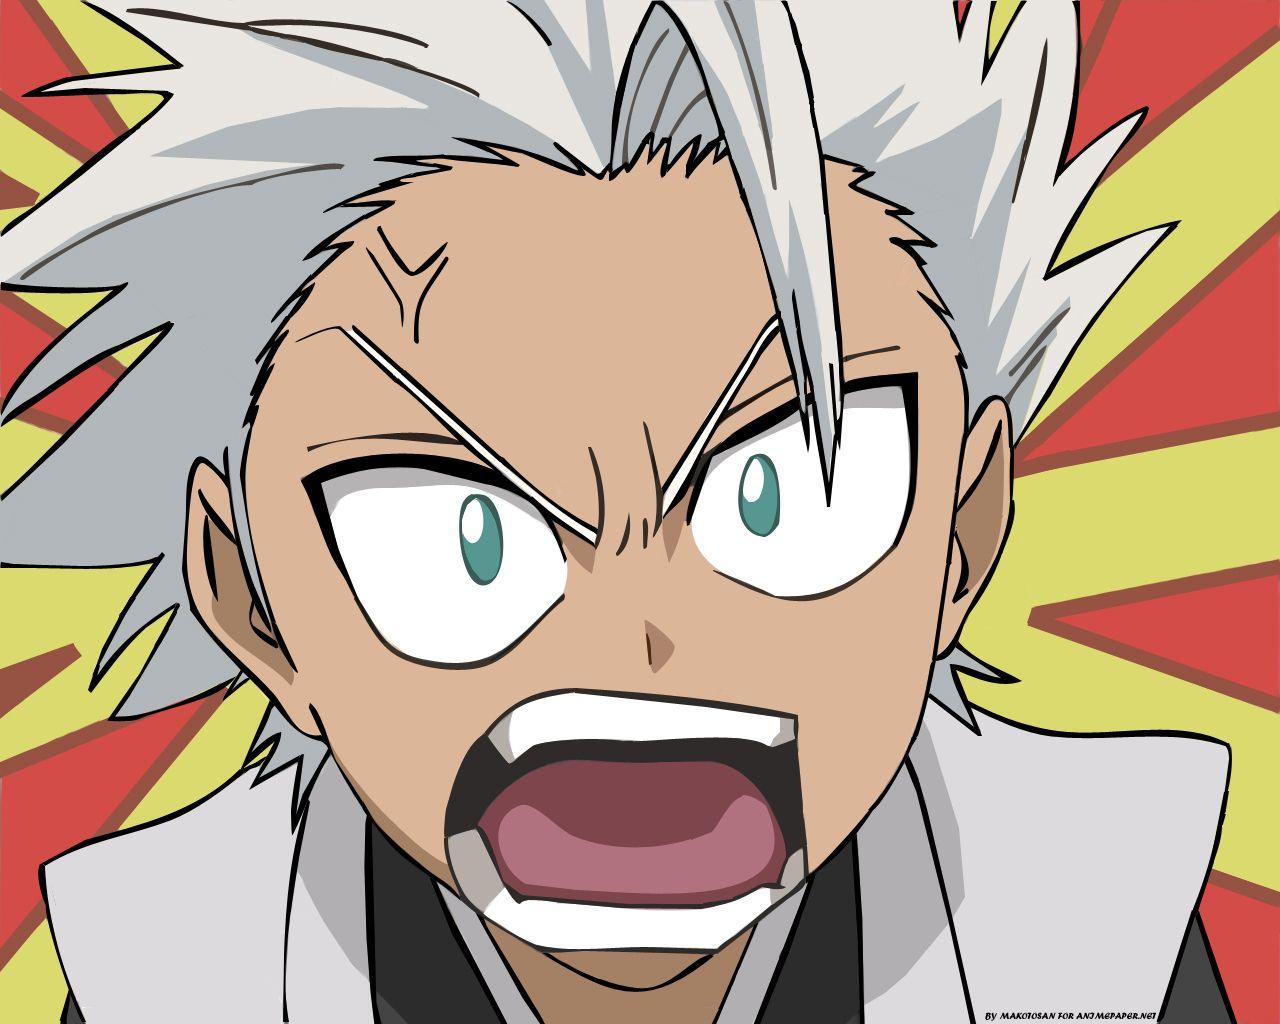 Смешные аниме картинки блич, оленем скрап